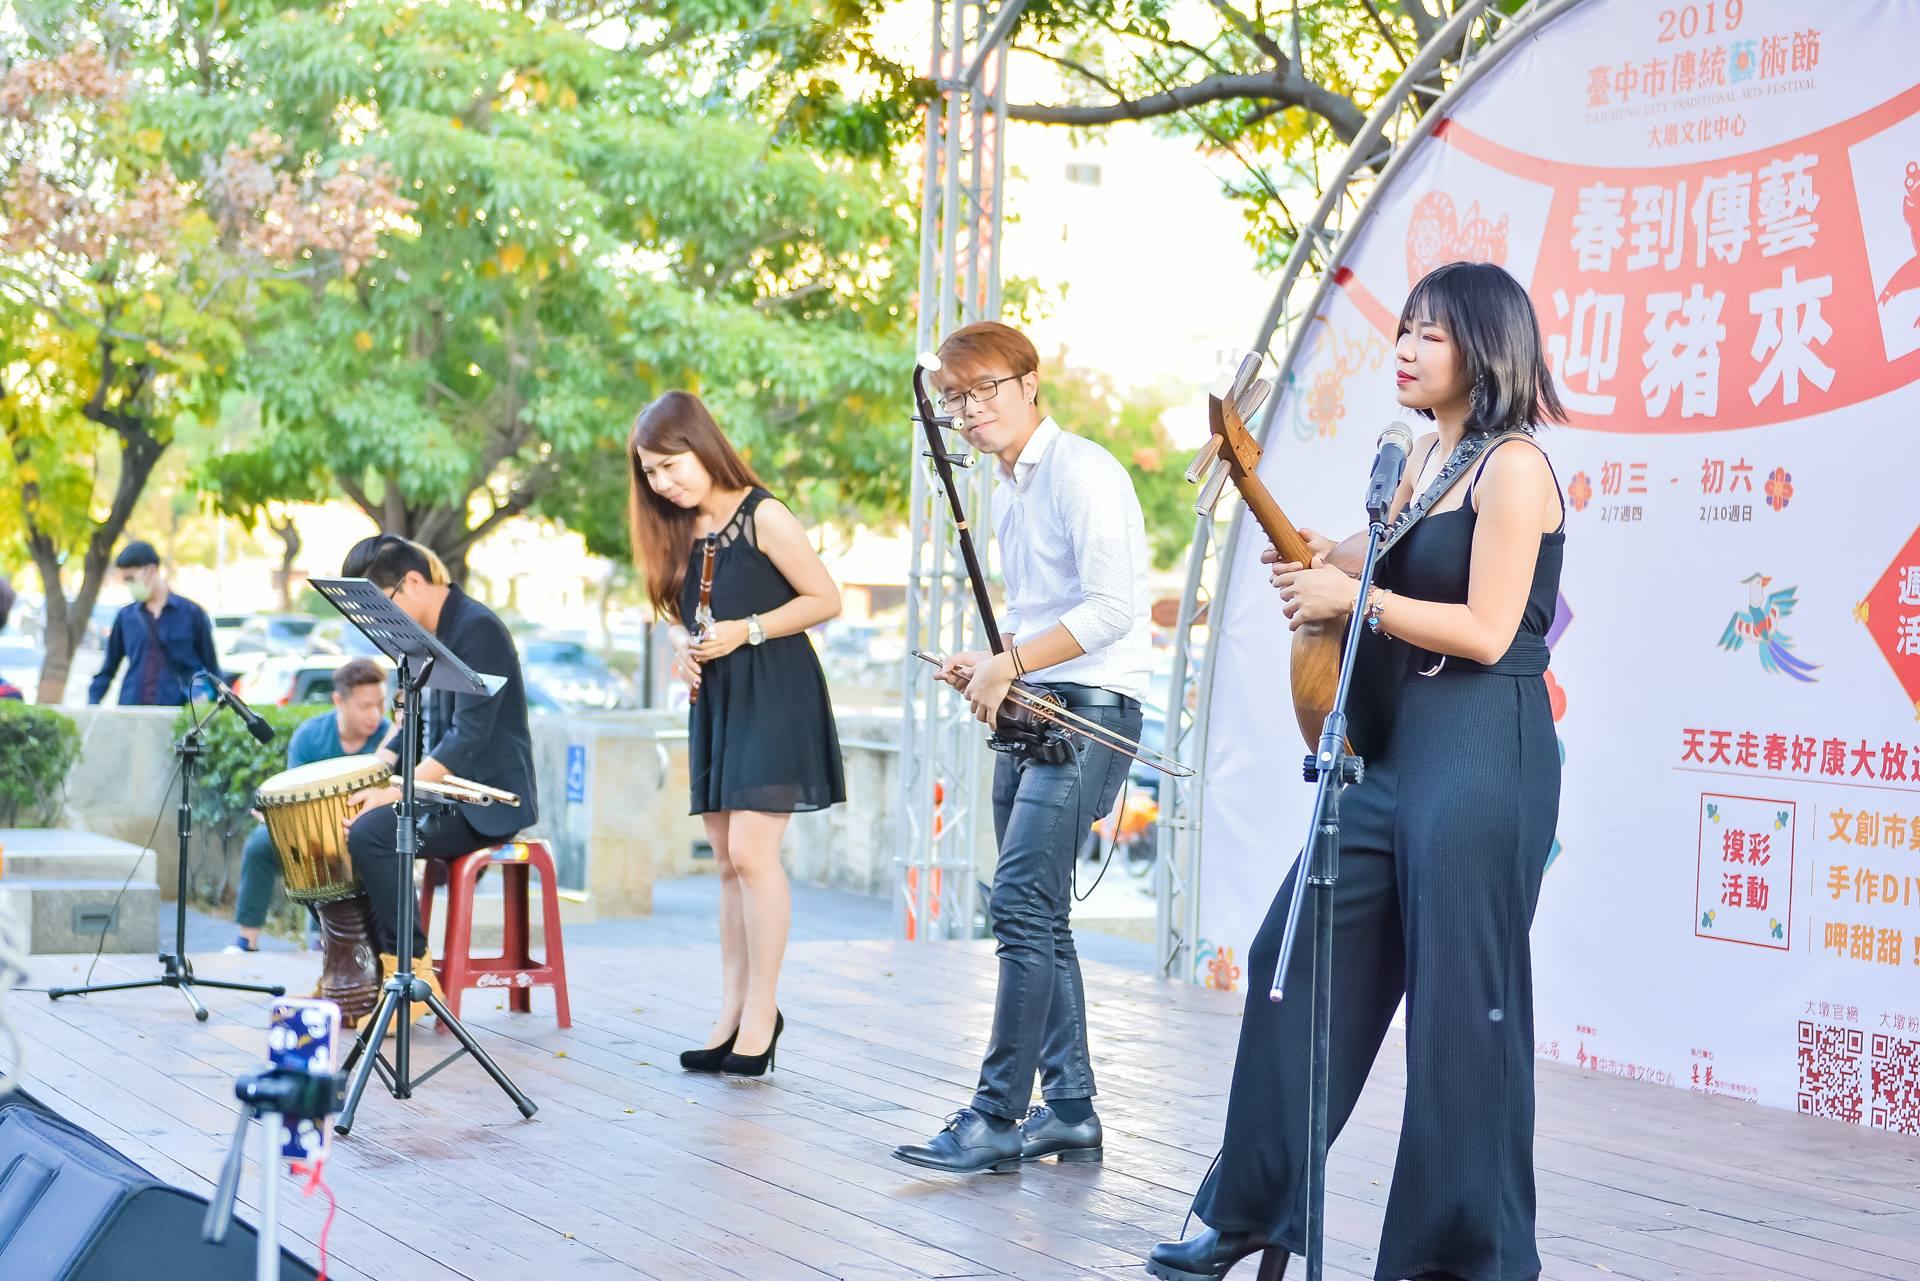 「極器樂團」為現場民眾帶來多首經典名曲。_FileDescript